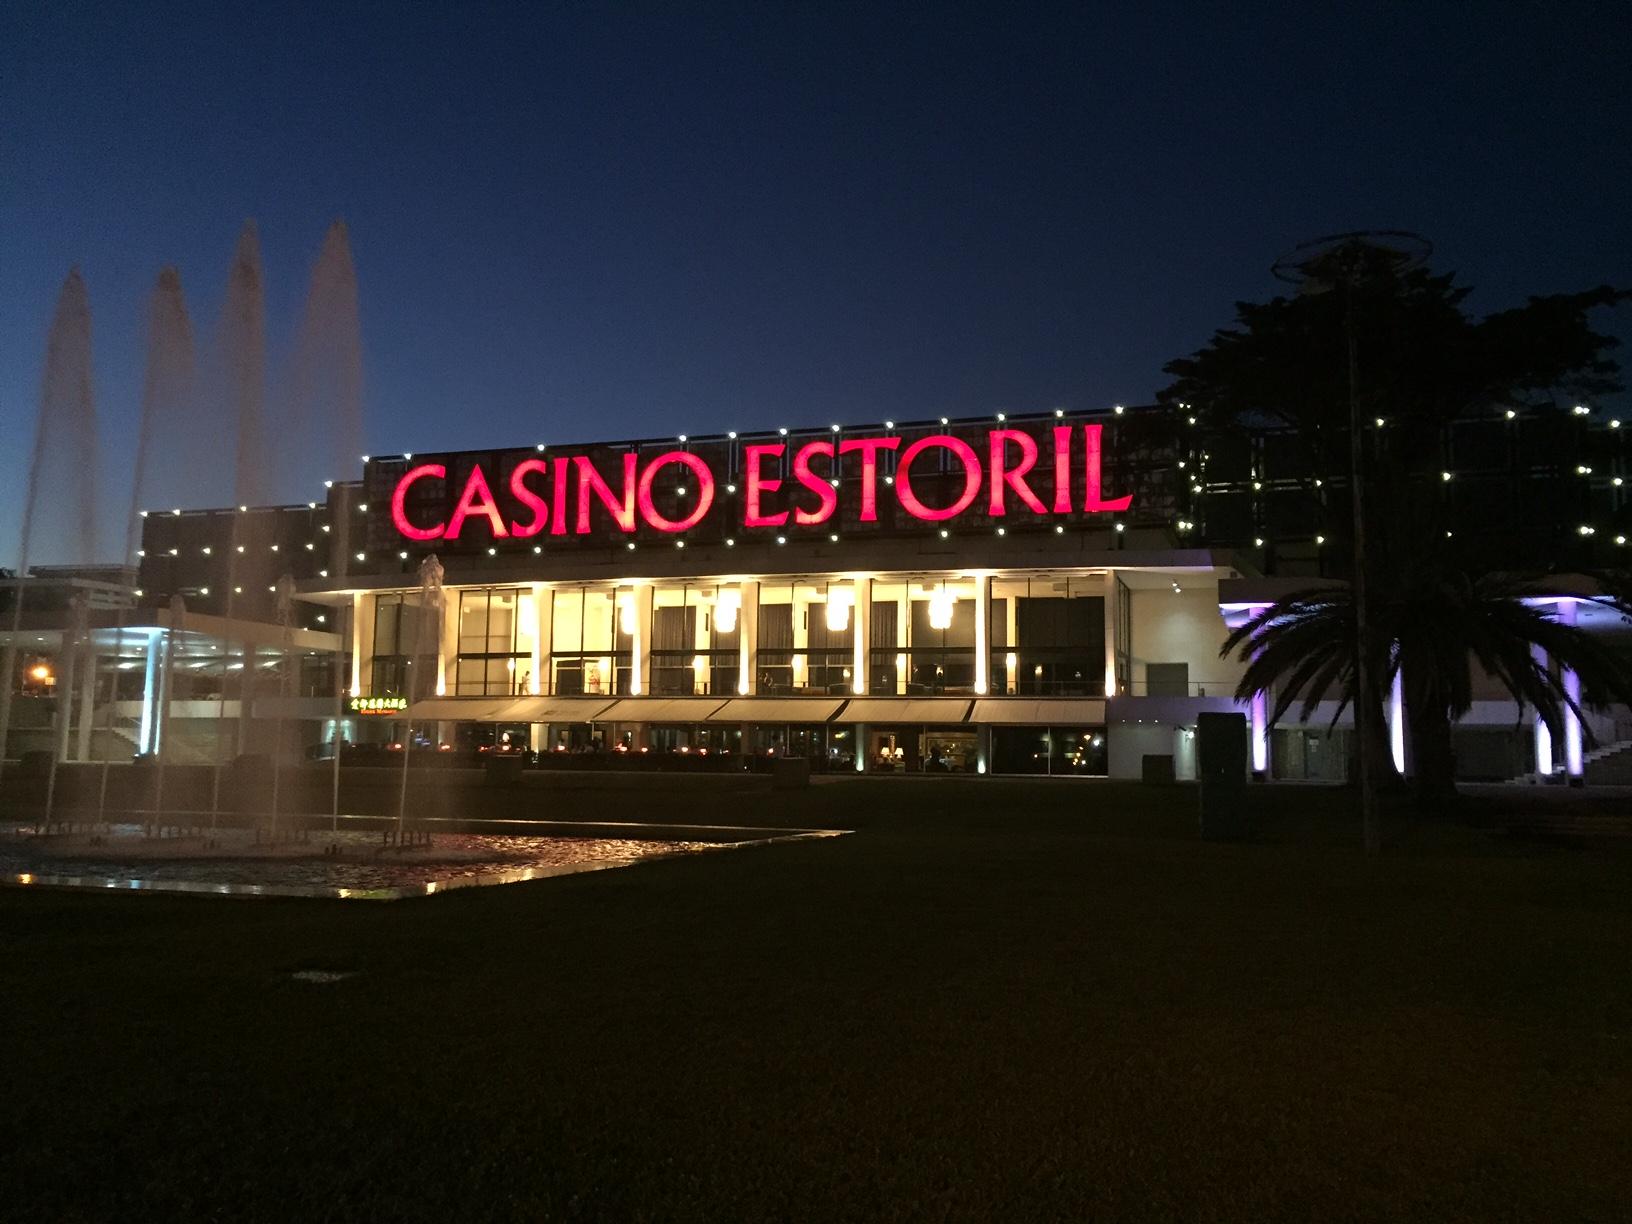 Casino, Estoril